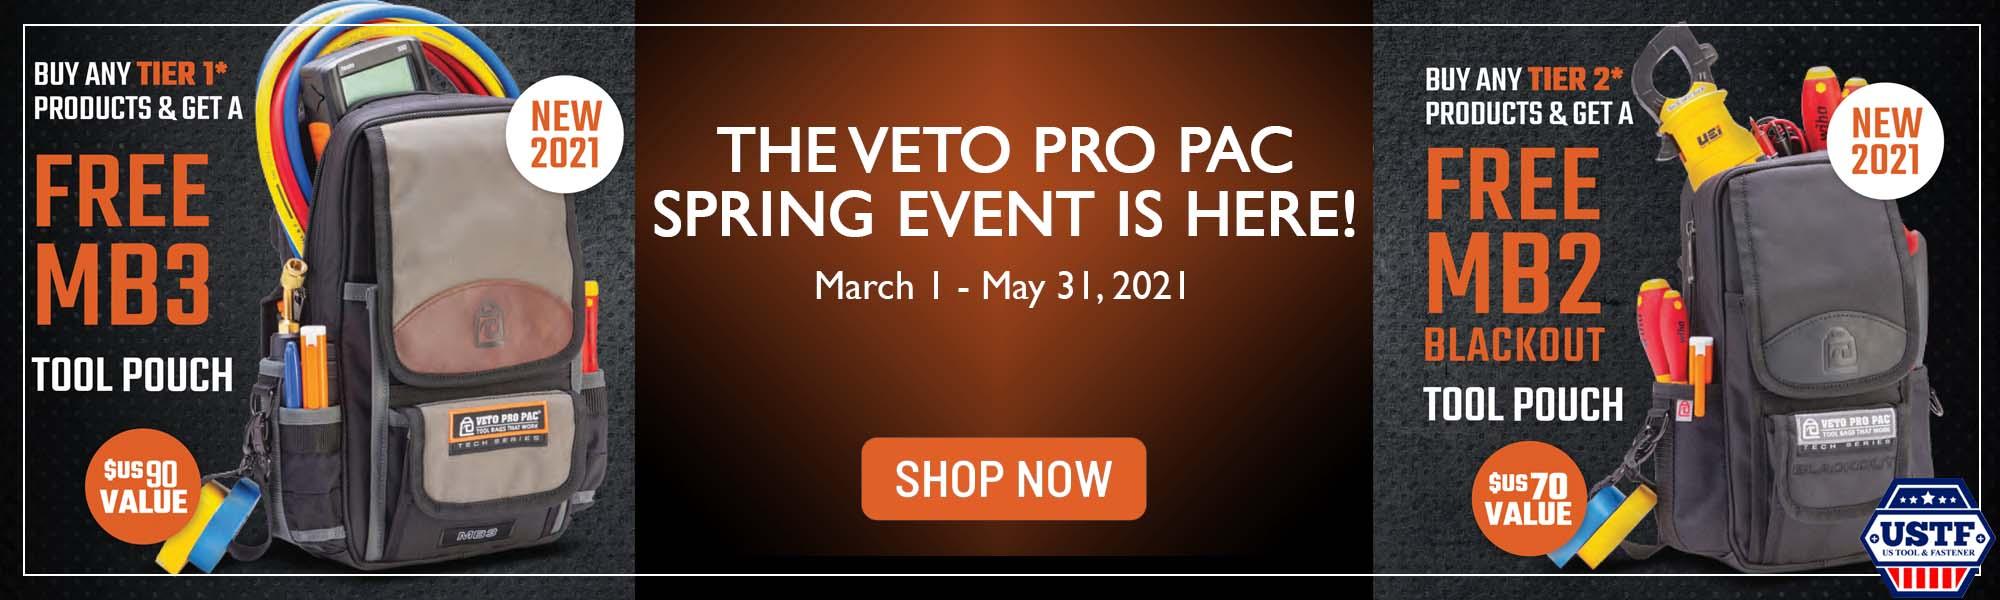 veto-spring-2021-banner.jpg